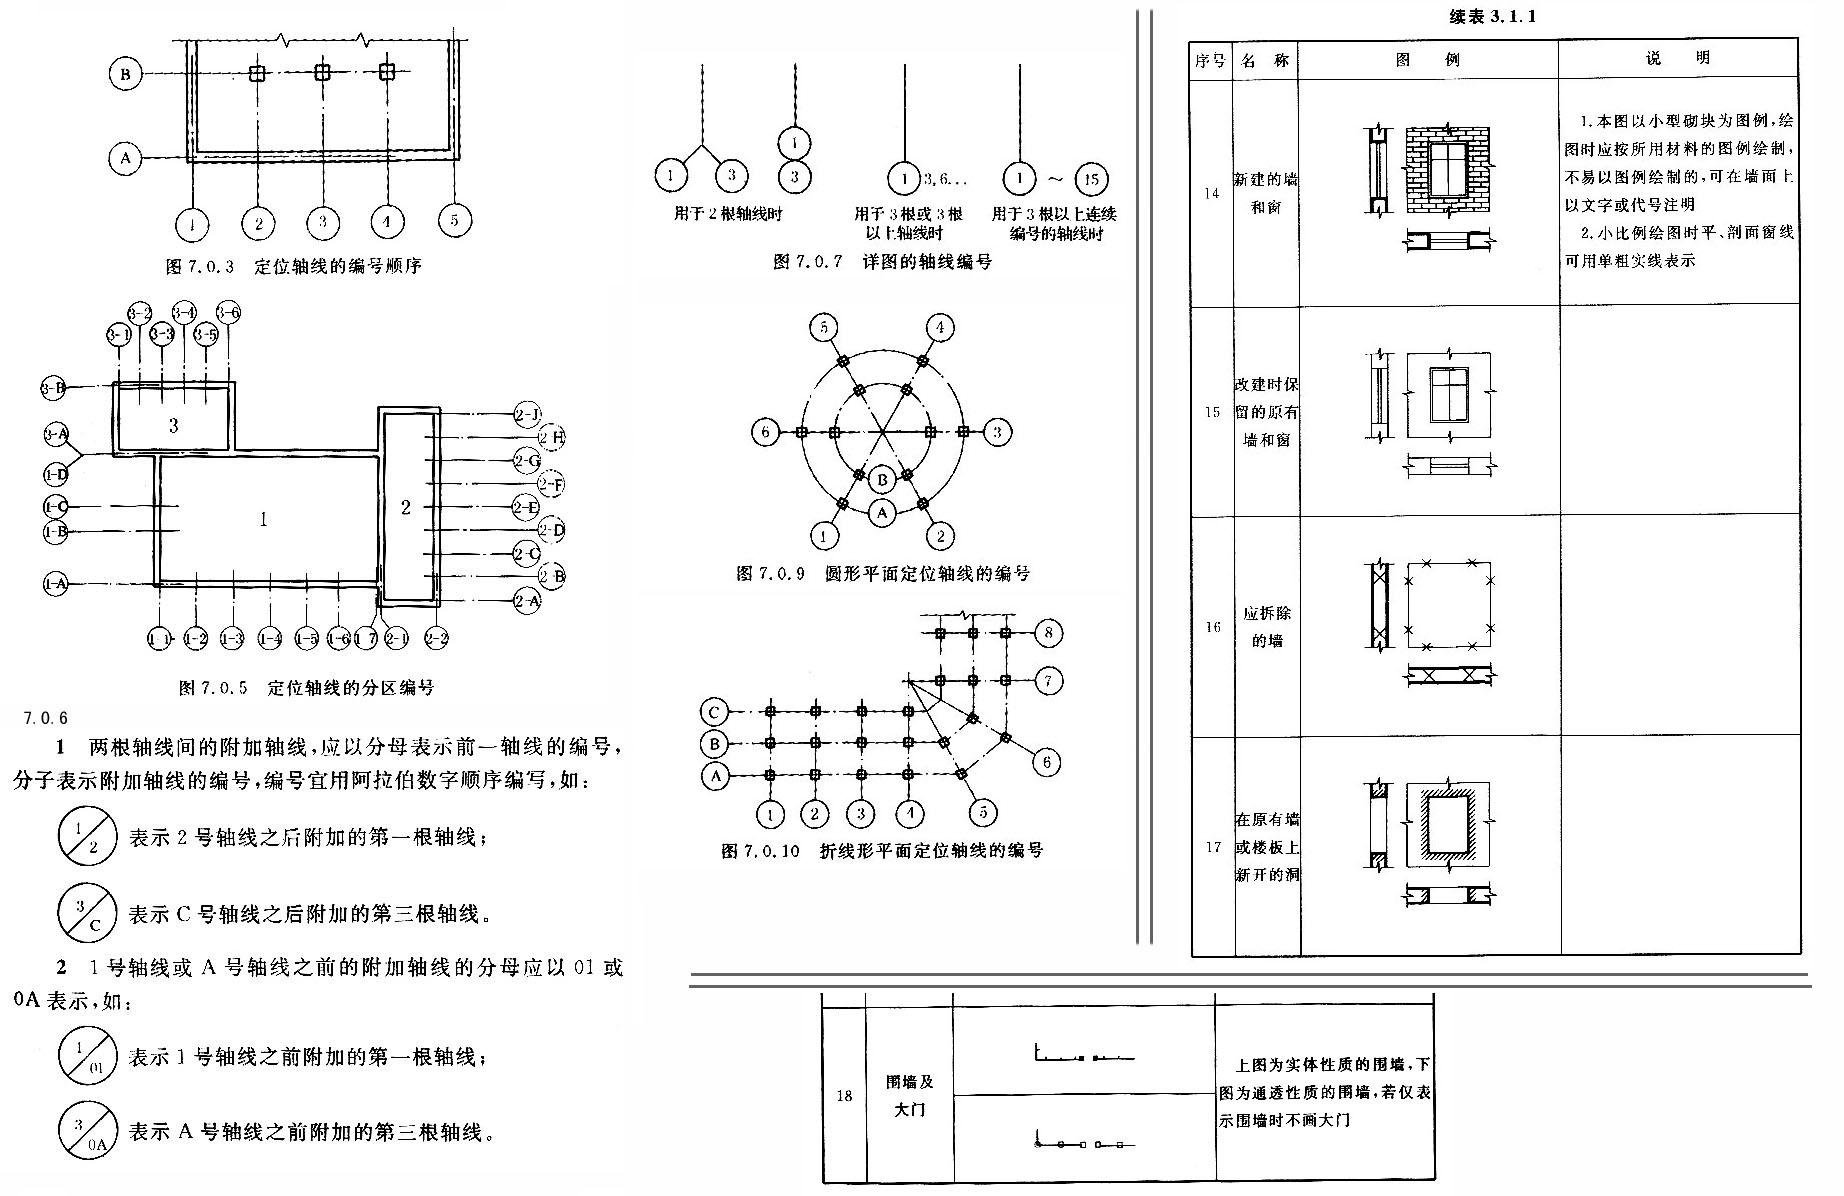 关于建筑结构v责任责任房产证不符所图集的图纸图片